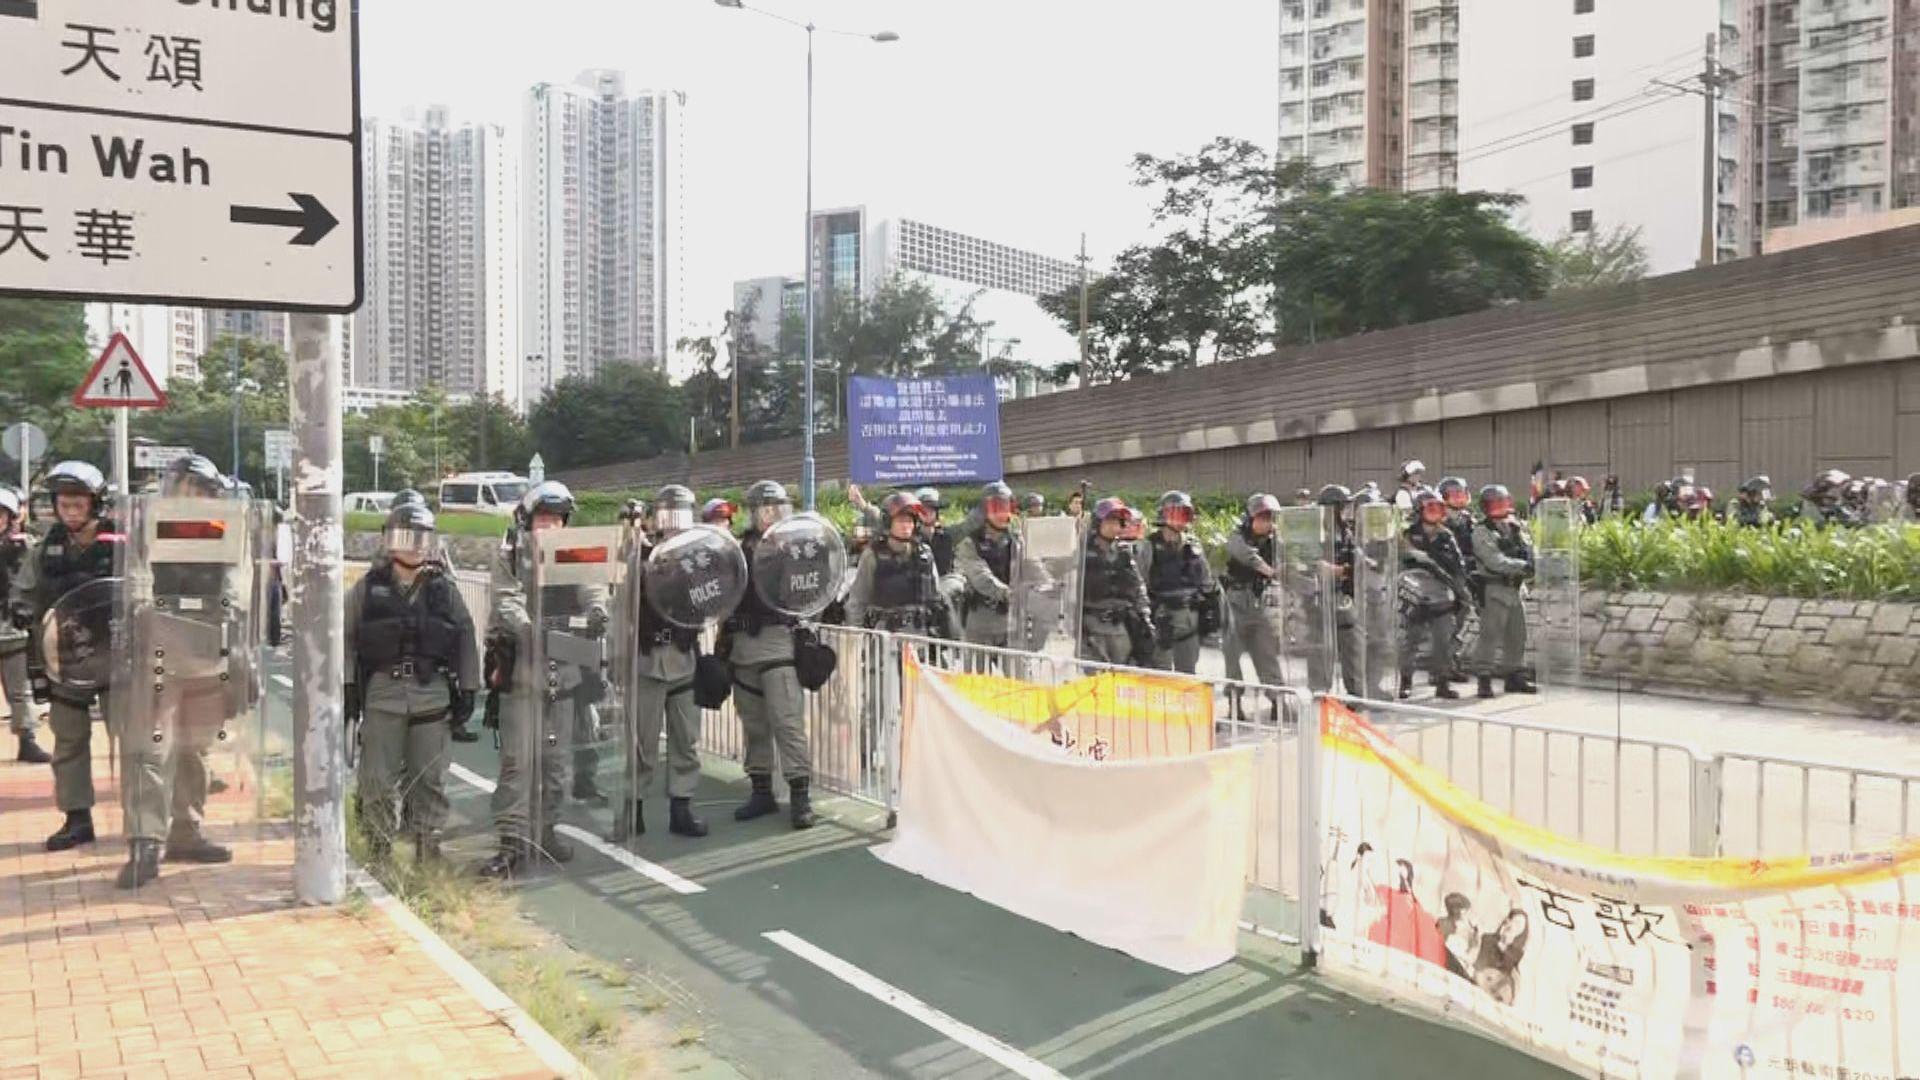 天水圍有過百人聚集 防暴警附近戒備